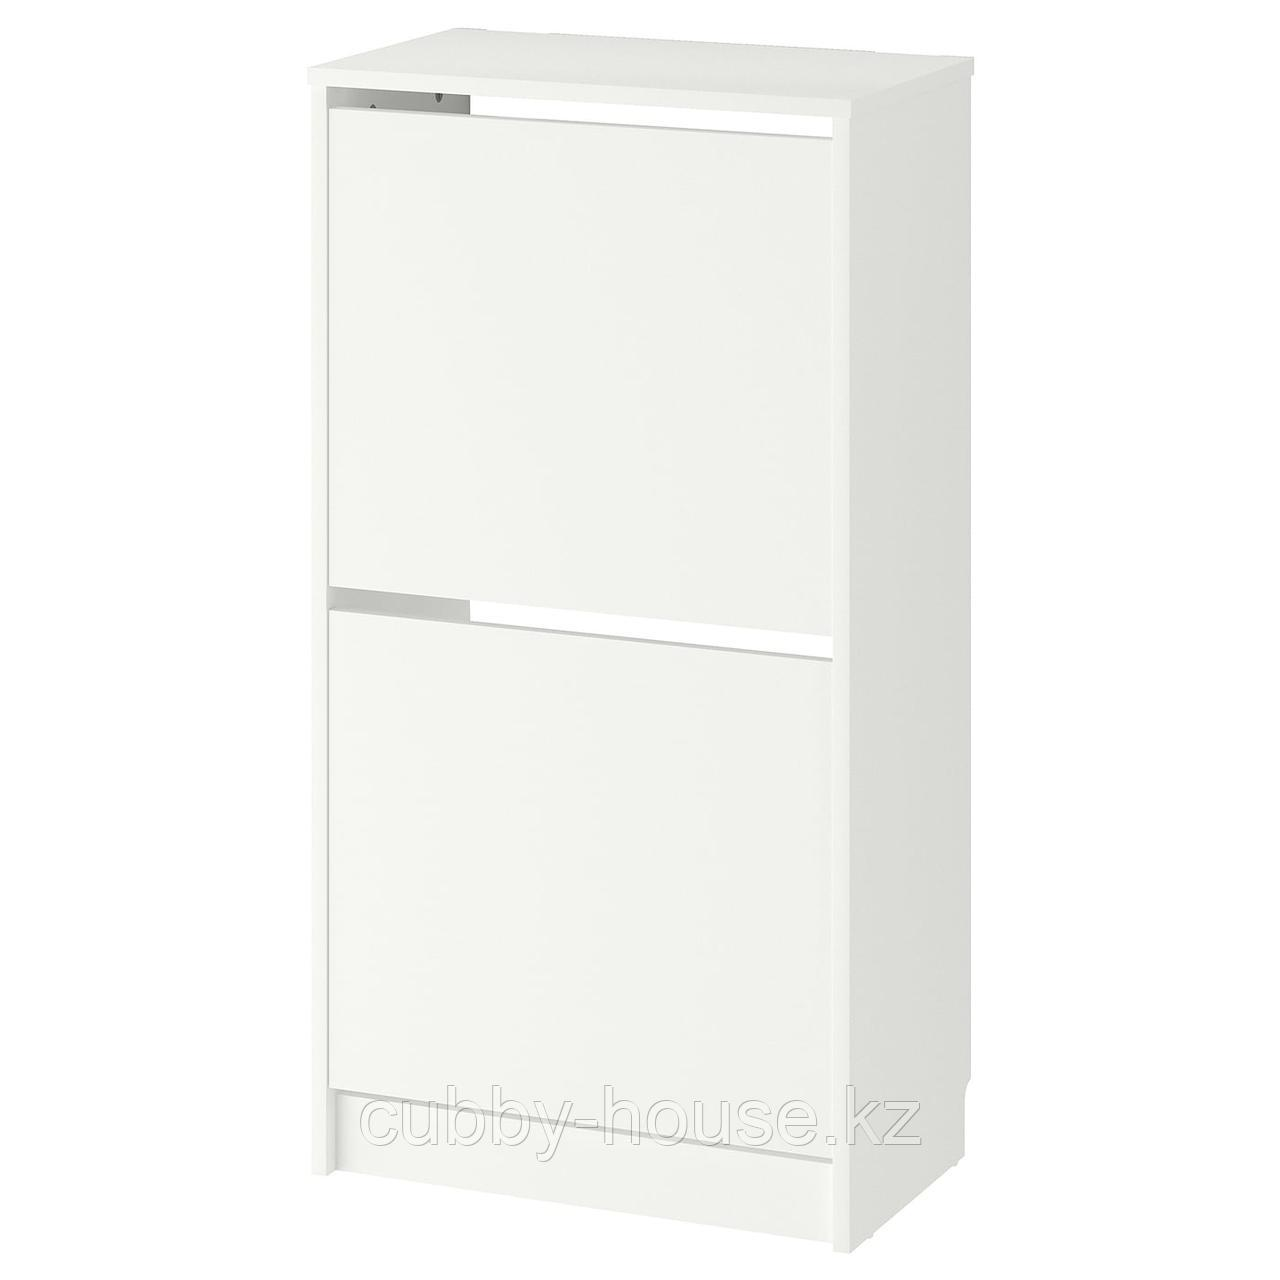 БИССА Галошница с 2 отделениями, белый, 49x93 см